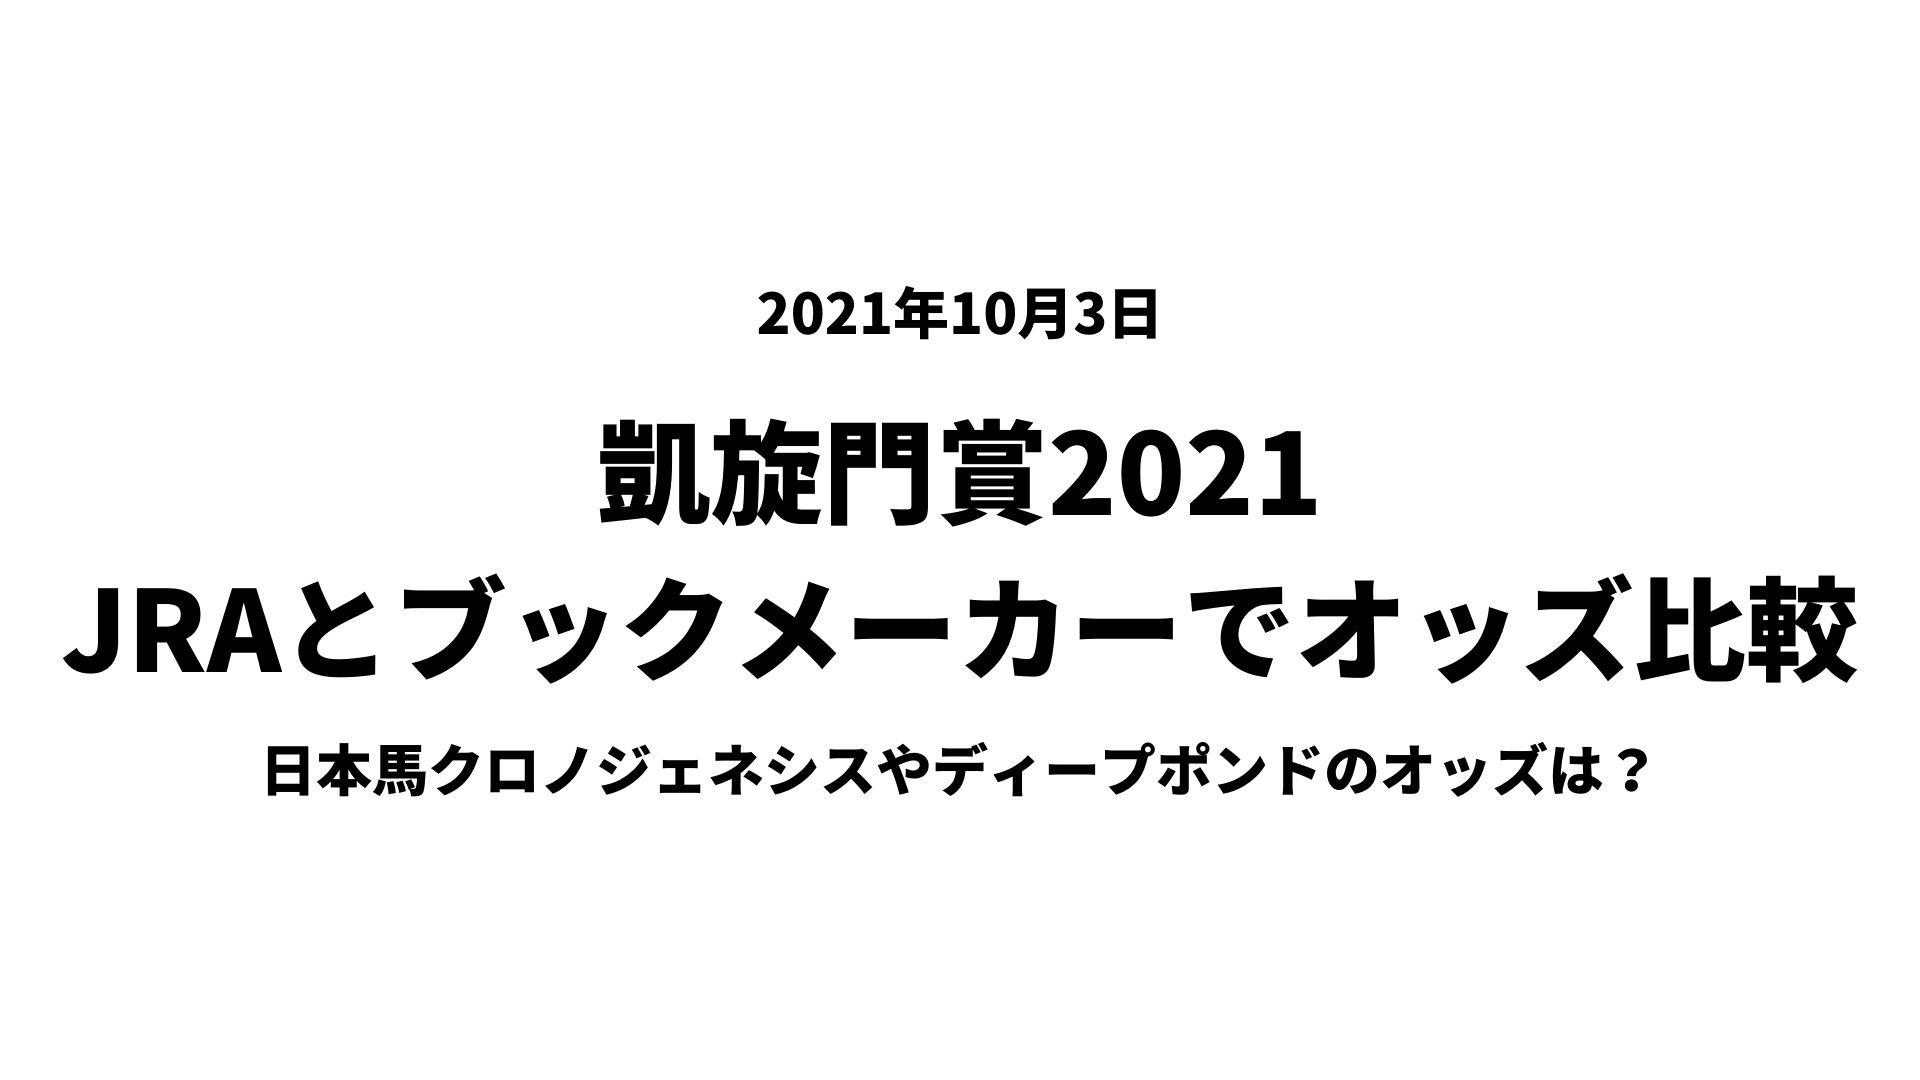 凱旋門賞2021ブックメーカーとJRAのオッズ比較